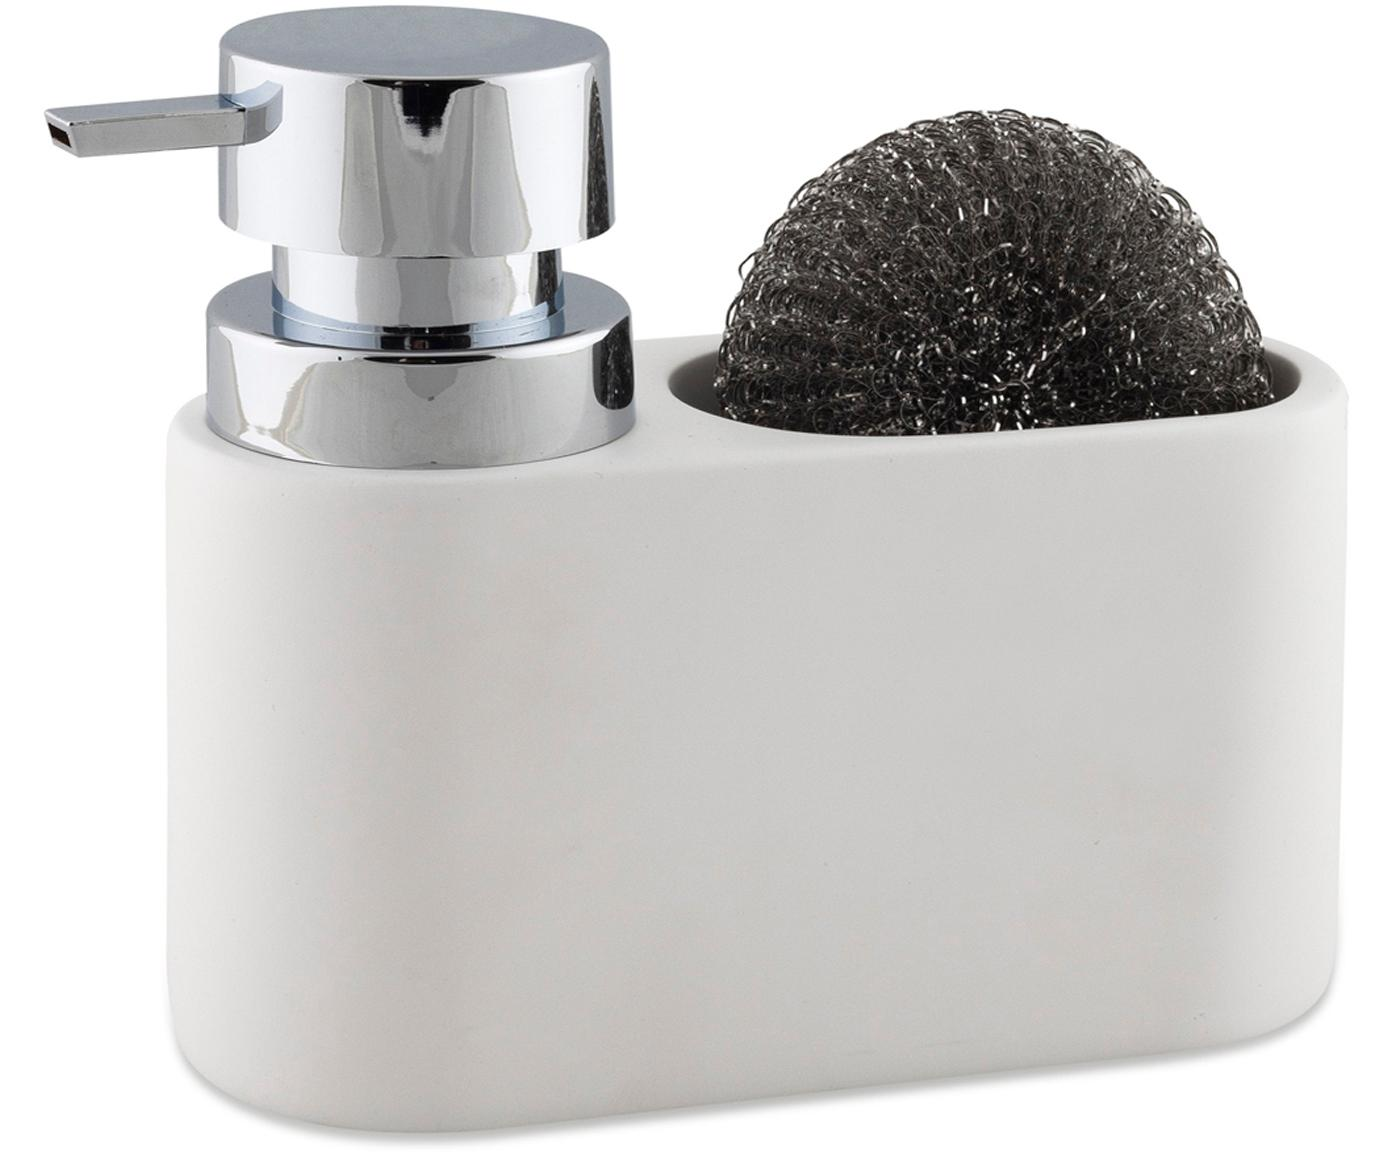 Zeepdispenser Strepa met spons, 2-delig, Keramiek, metaal, Wit, zilverkleurig, 19 x 15 cm